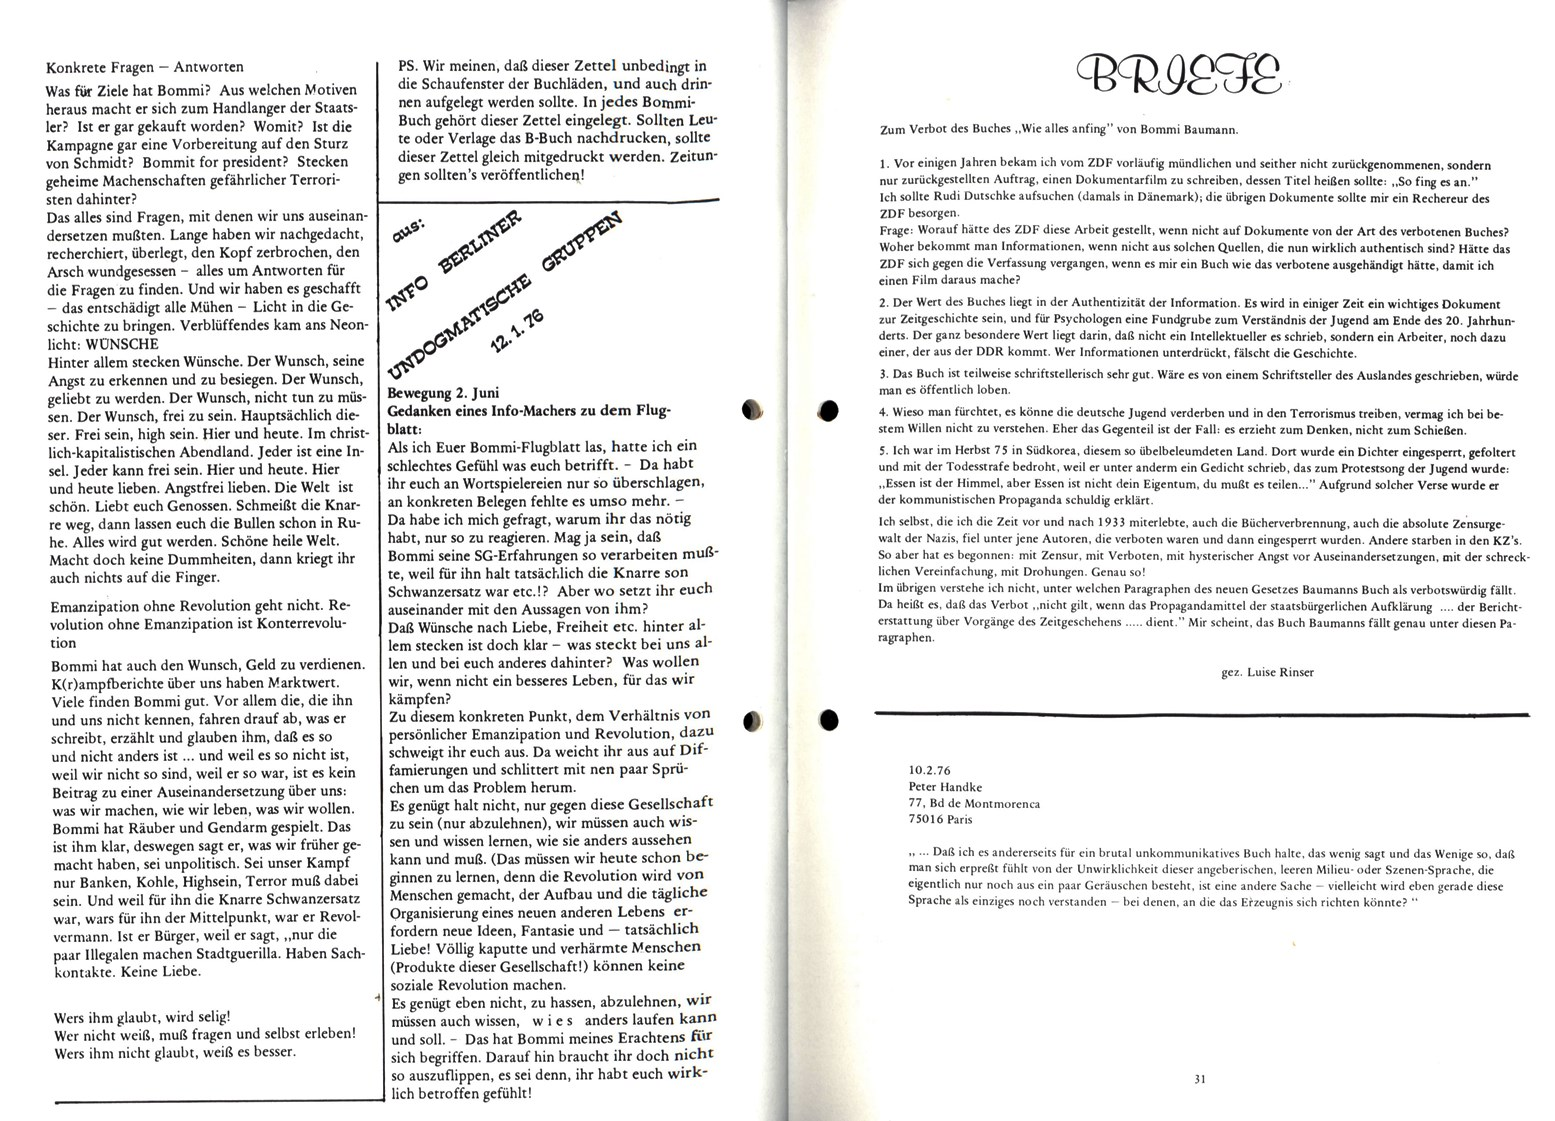 REP_1976_Doku_Beschlagnahme_von_Literatur_16